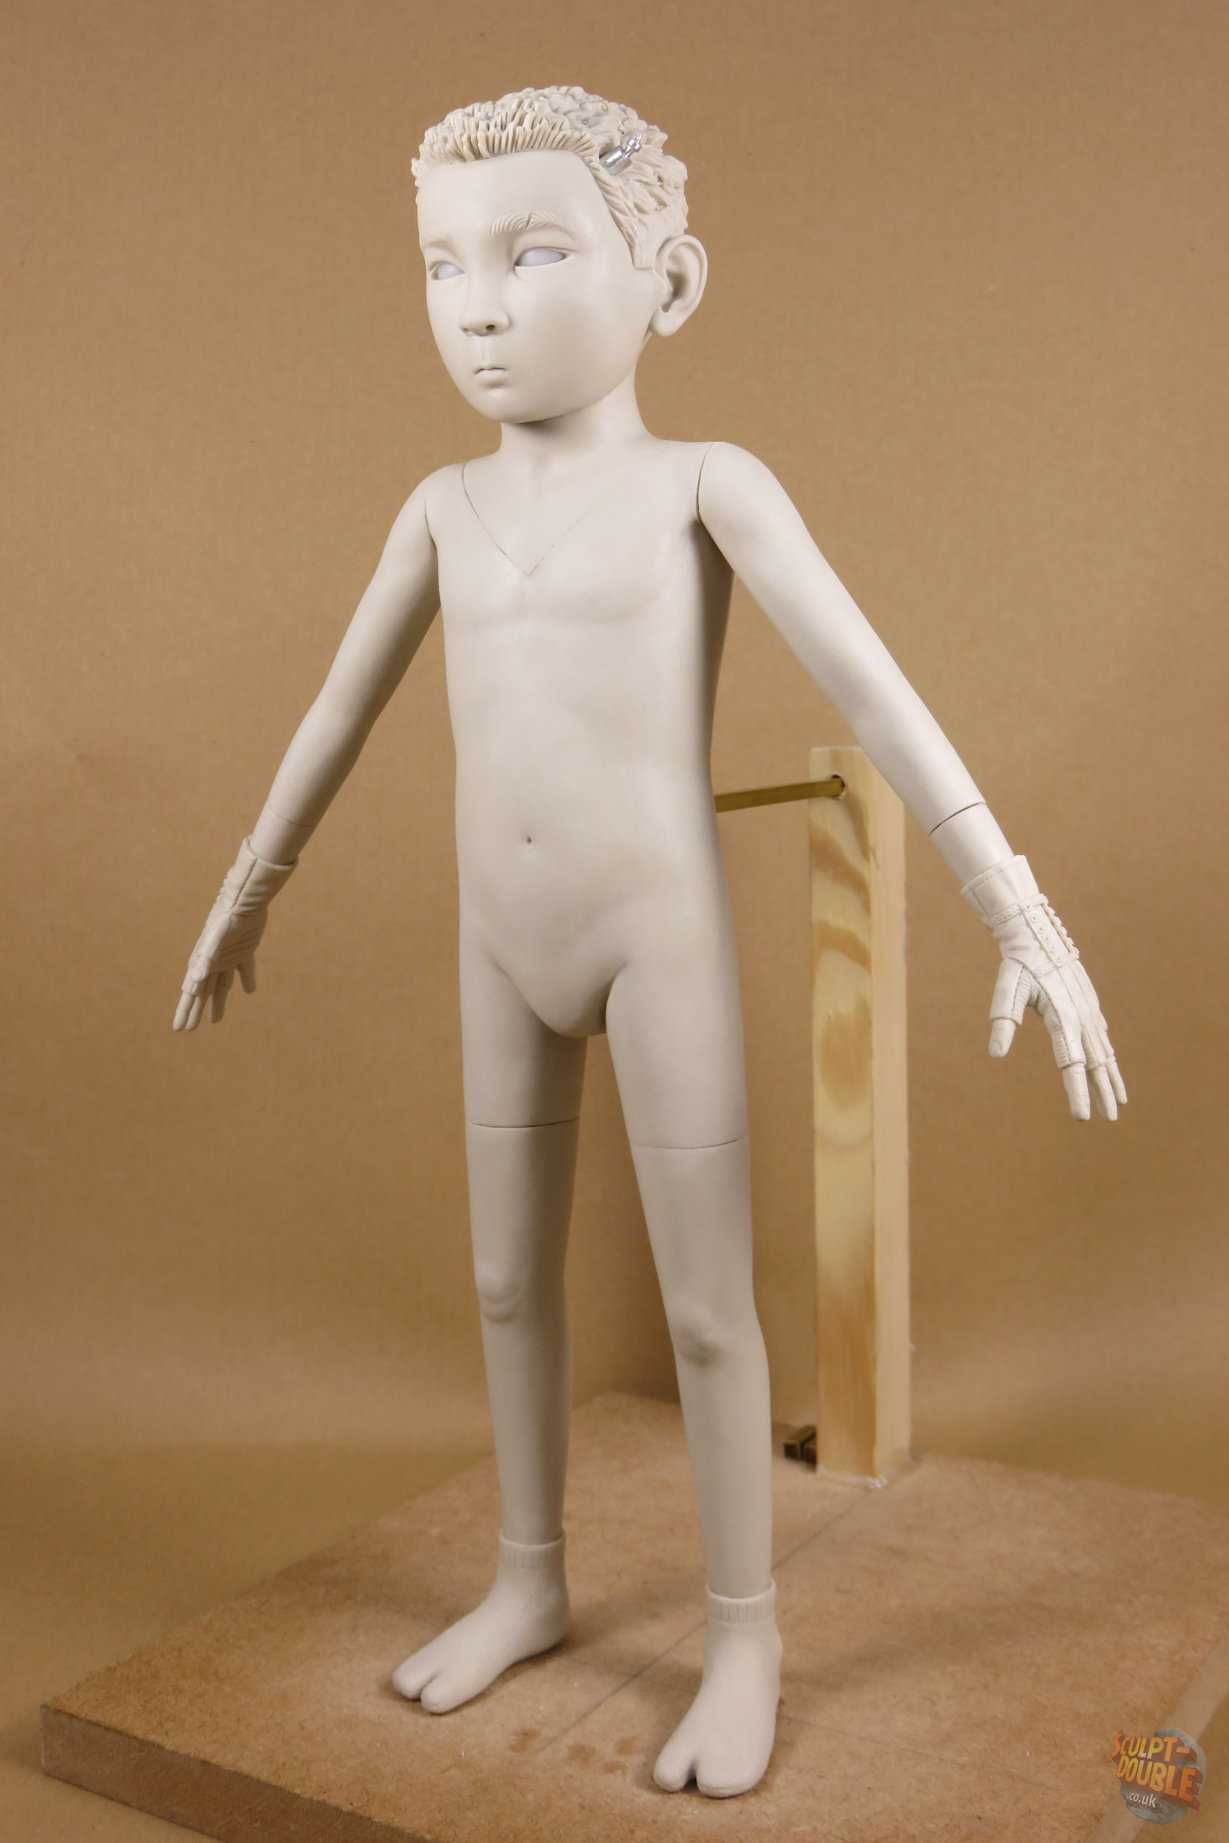 Atari - full body puppet sculpt